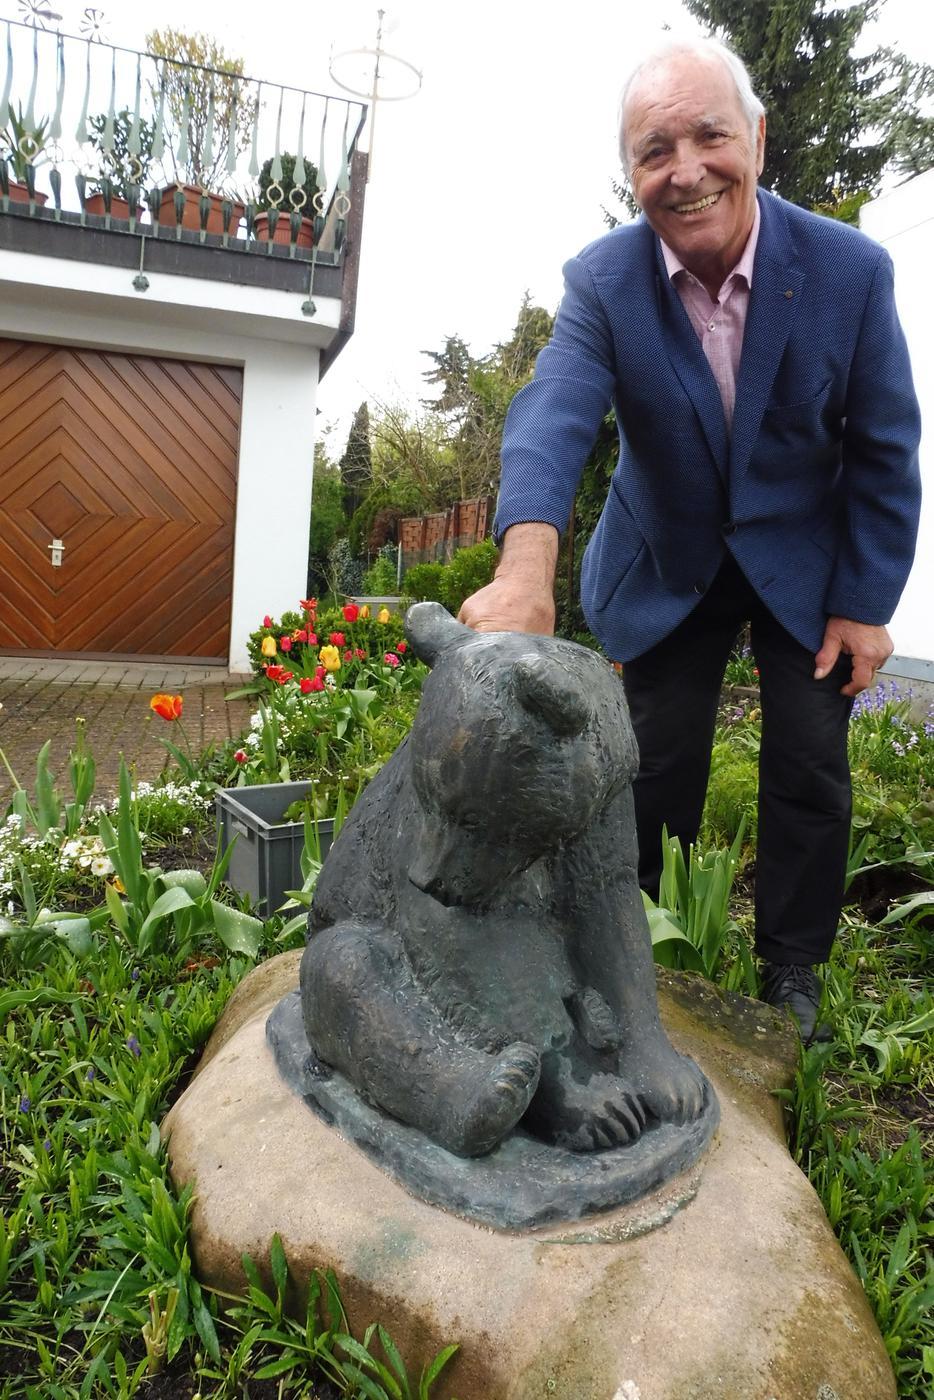 """Der """"Bärenwirt"""" und sein Bär: Adolf """"Addel"""" Steudle hatte die Skulptur vonseinem Stammtisch zu seinem 70. Geburtstag als Geschenk erhalten"""